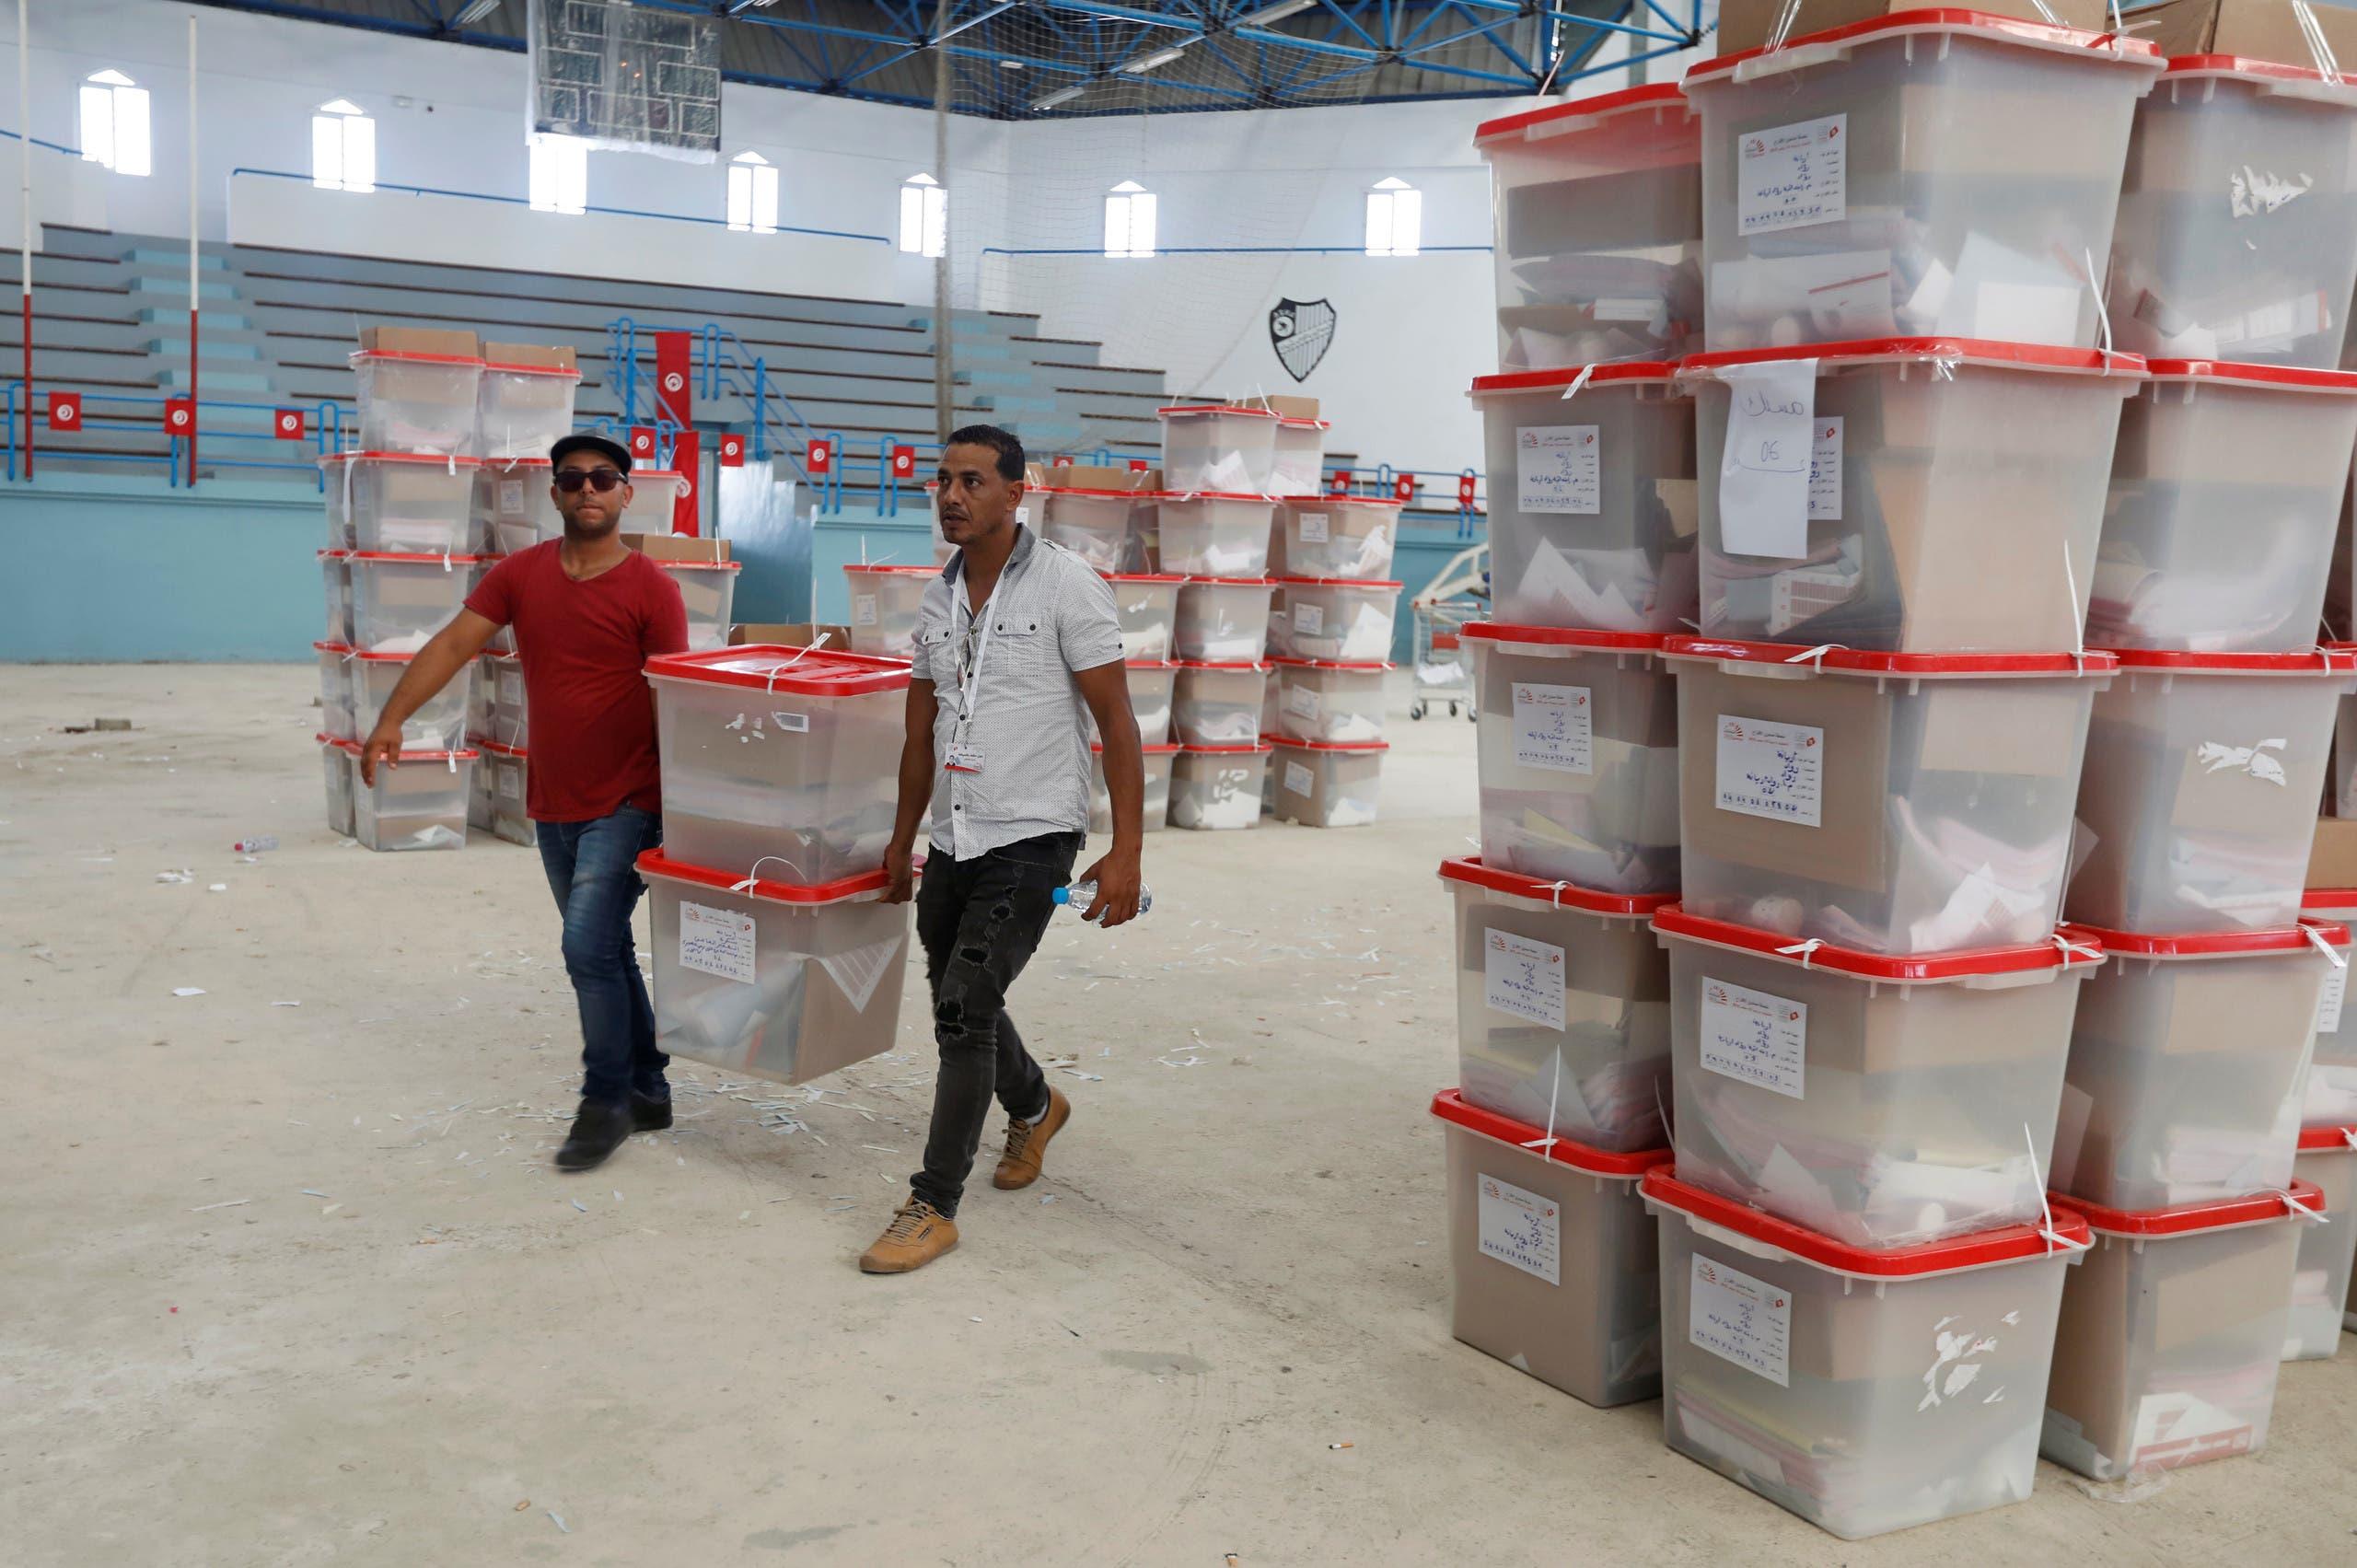 التحضيرات للانتخابات الرئاسية في تونس(14 سبتمبر 2019- رويترز)